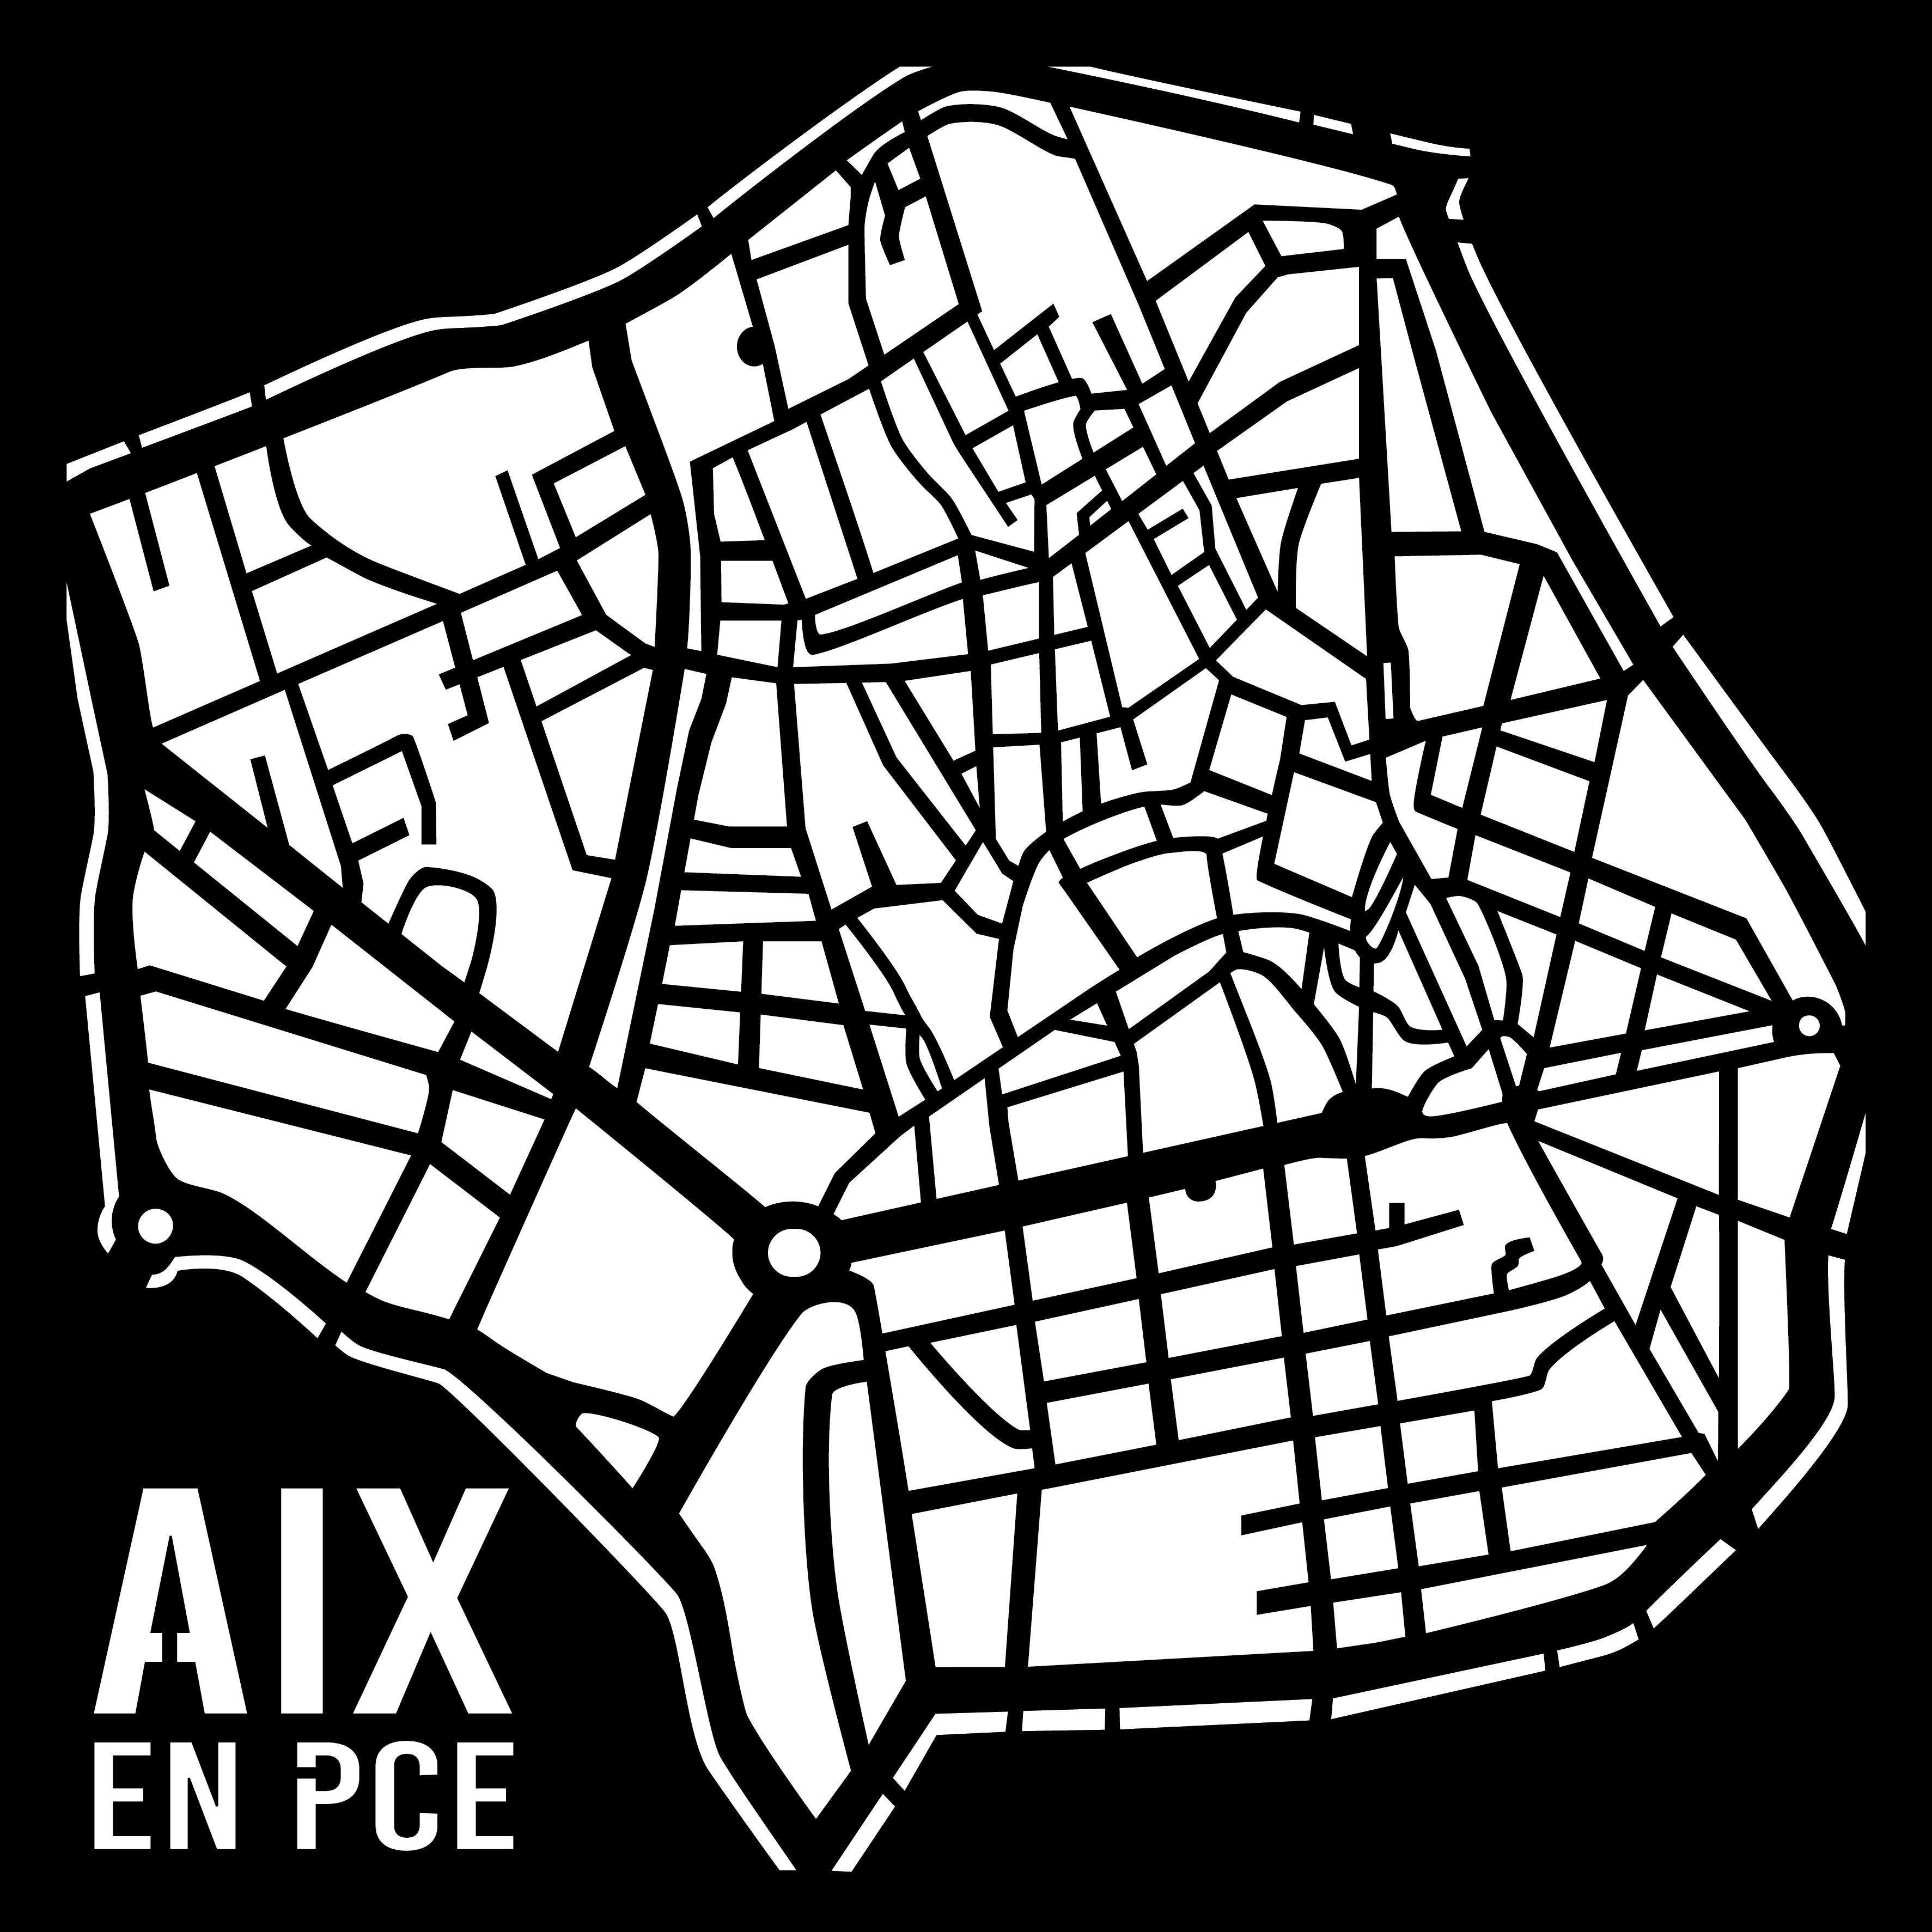 aix_en_provence